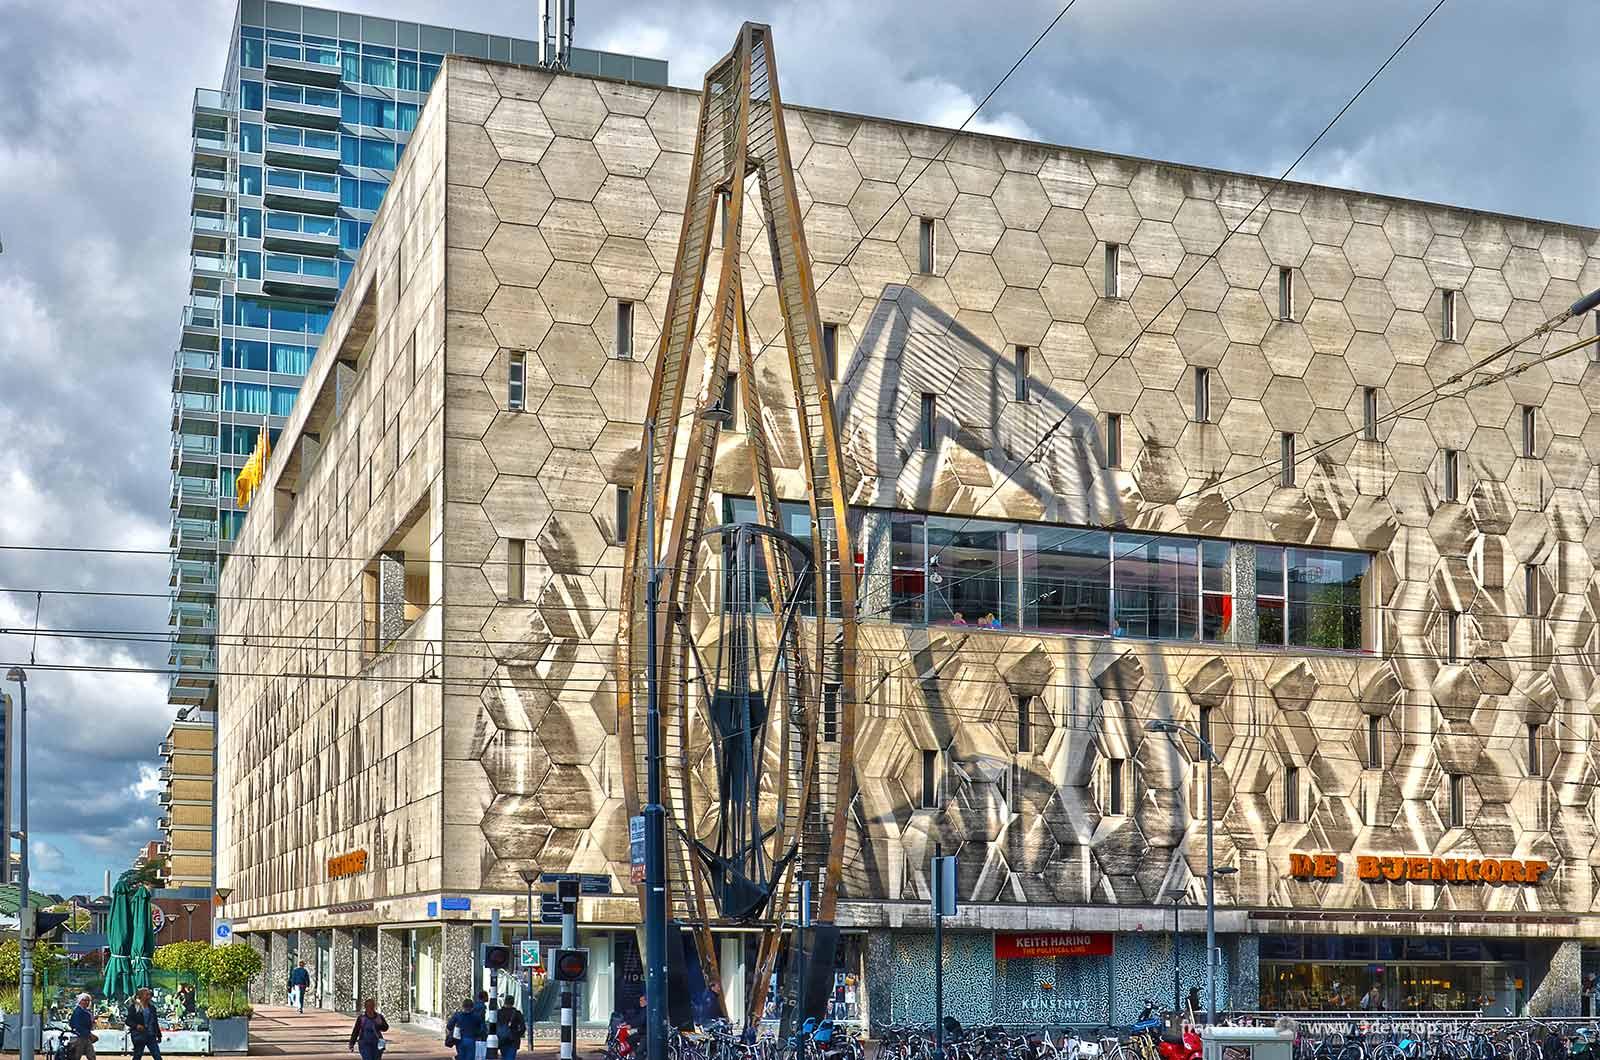 De nieuwe Bijenkorf van Rotterdam aan de Coolsingel, ontworpen door Marcel Breuer, met ervoor de plastiek, bijgenaamd het Ding, van Naum Gabo